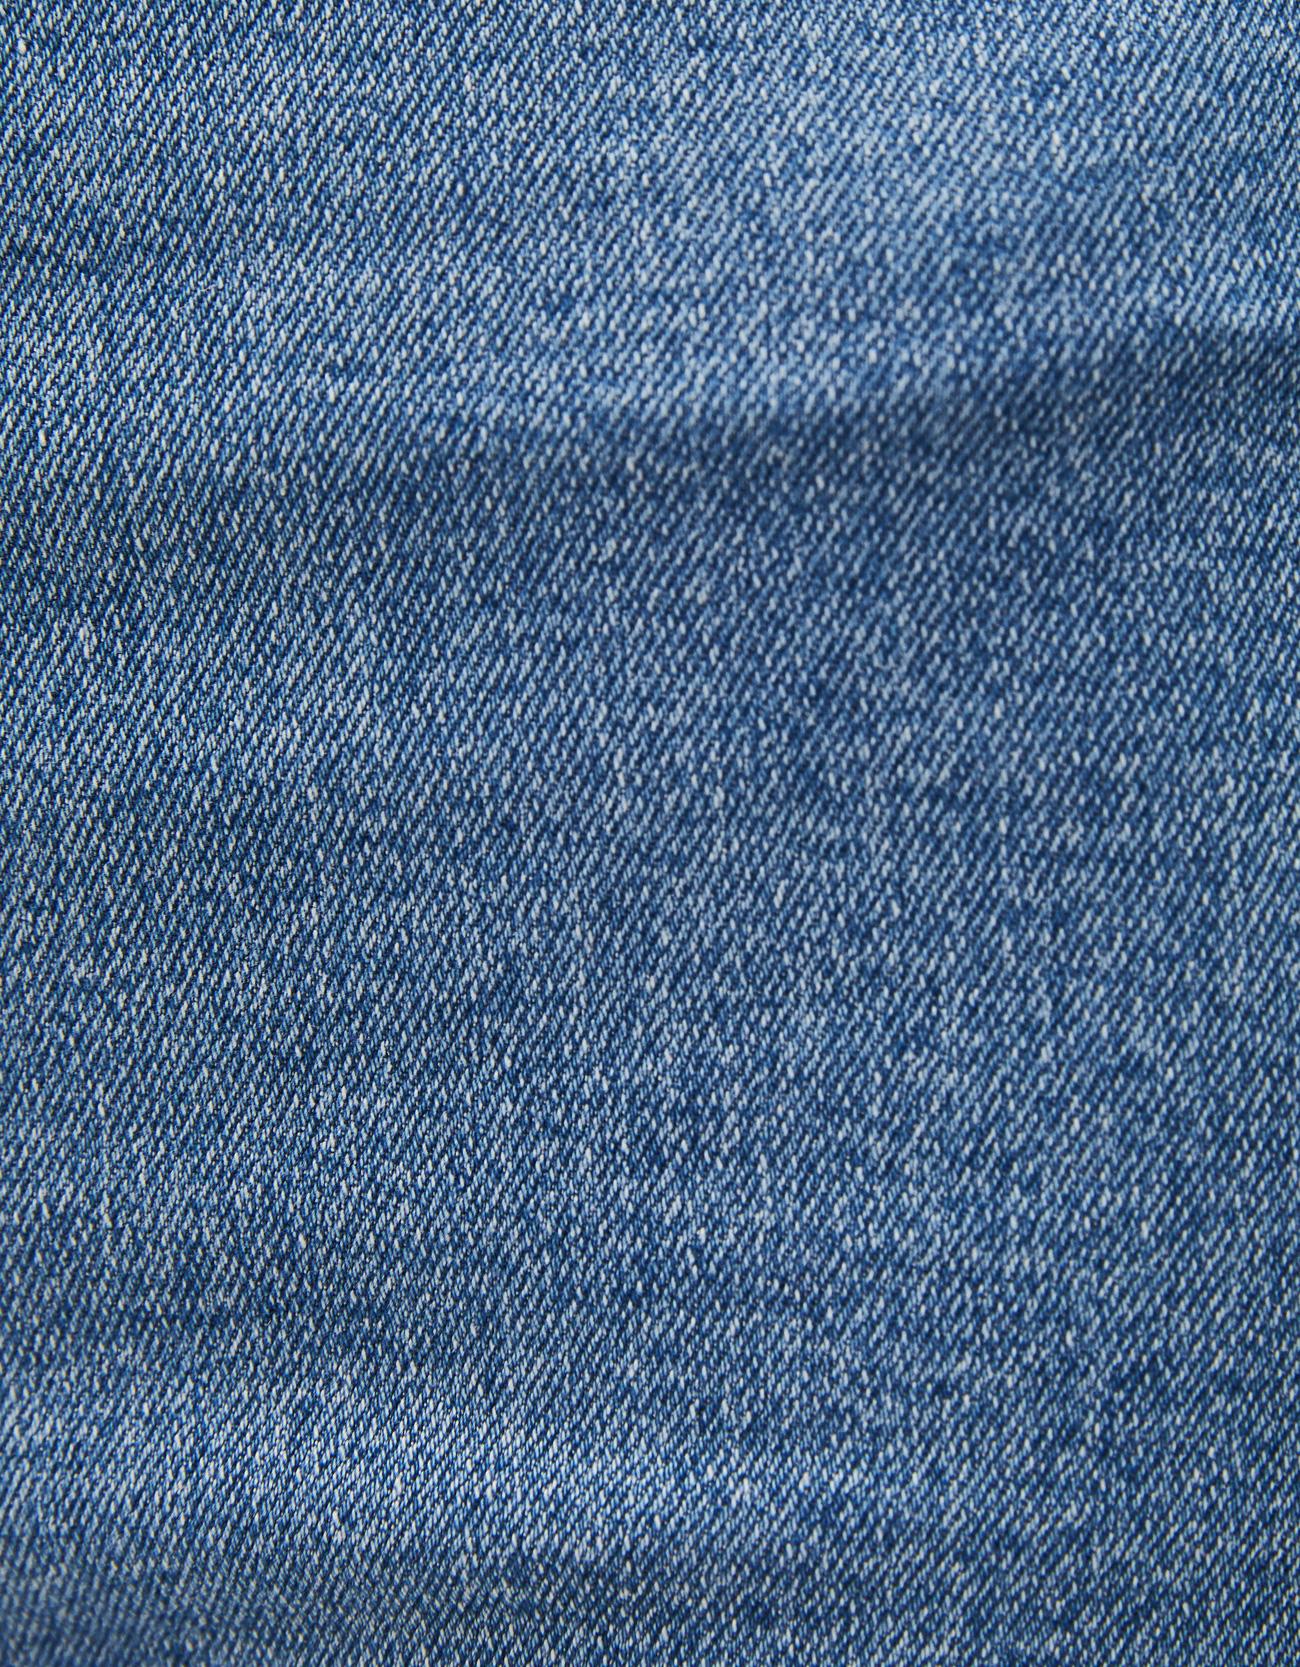 Джинсовые шорты с высокой талией и отворотами Синий застиранный Bershka